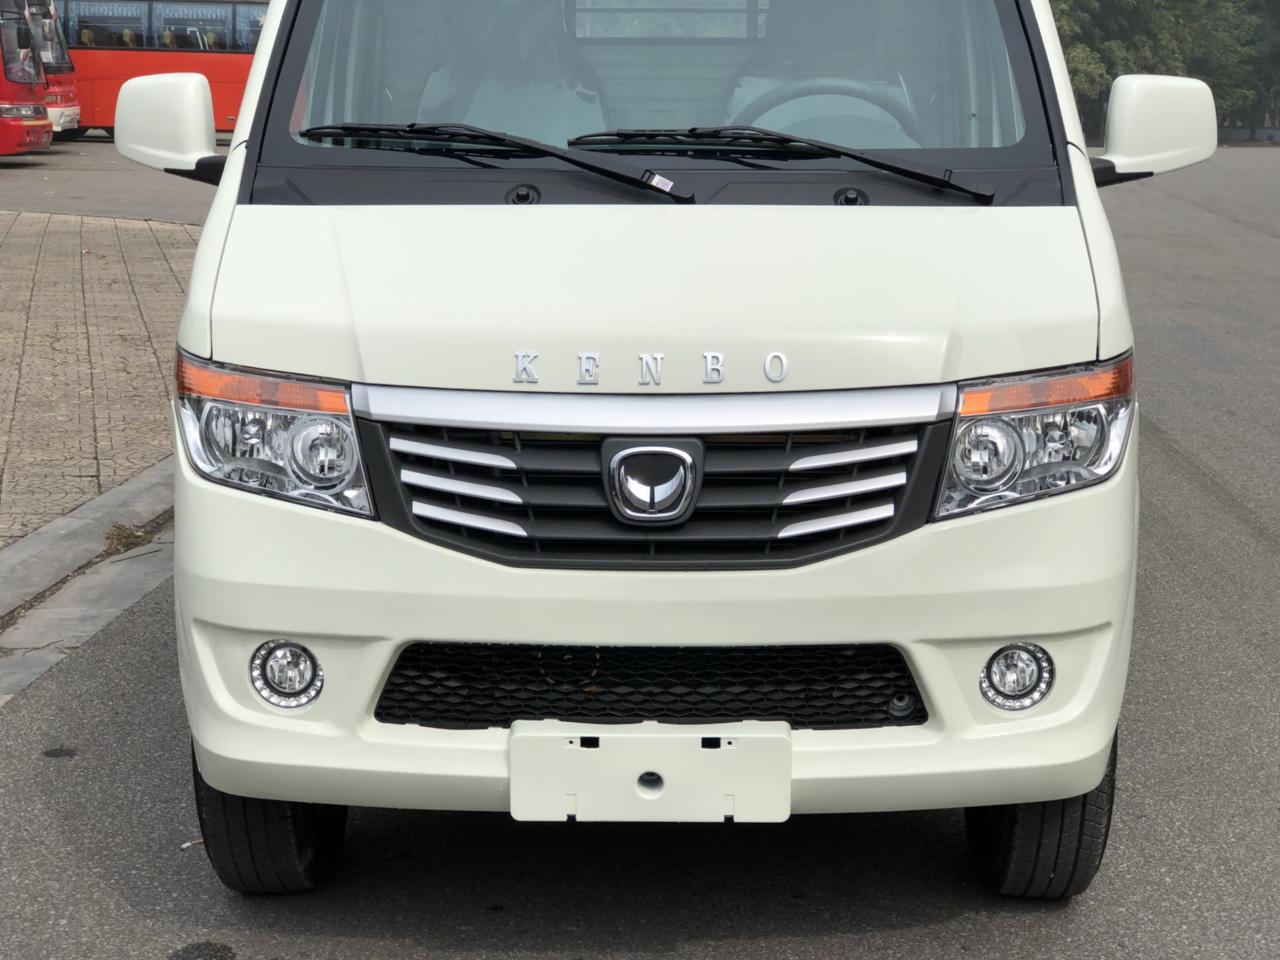 kenbo-van-950kg-0984983915